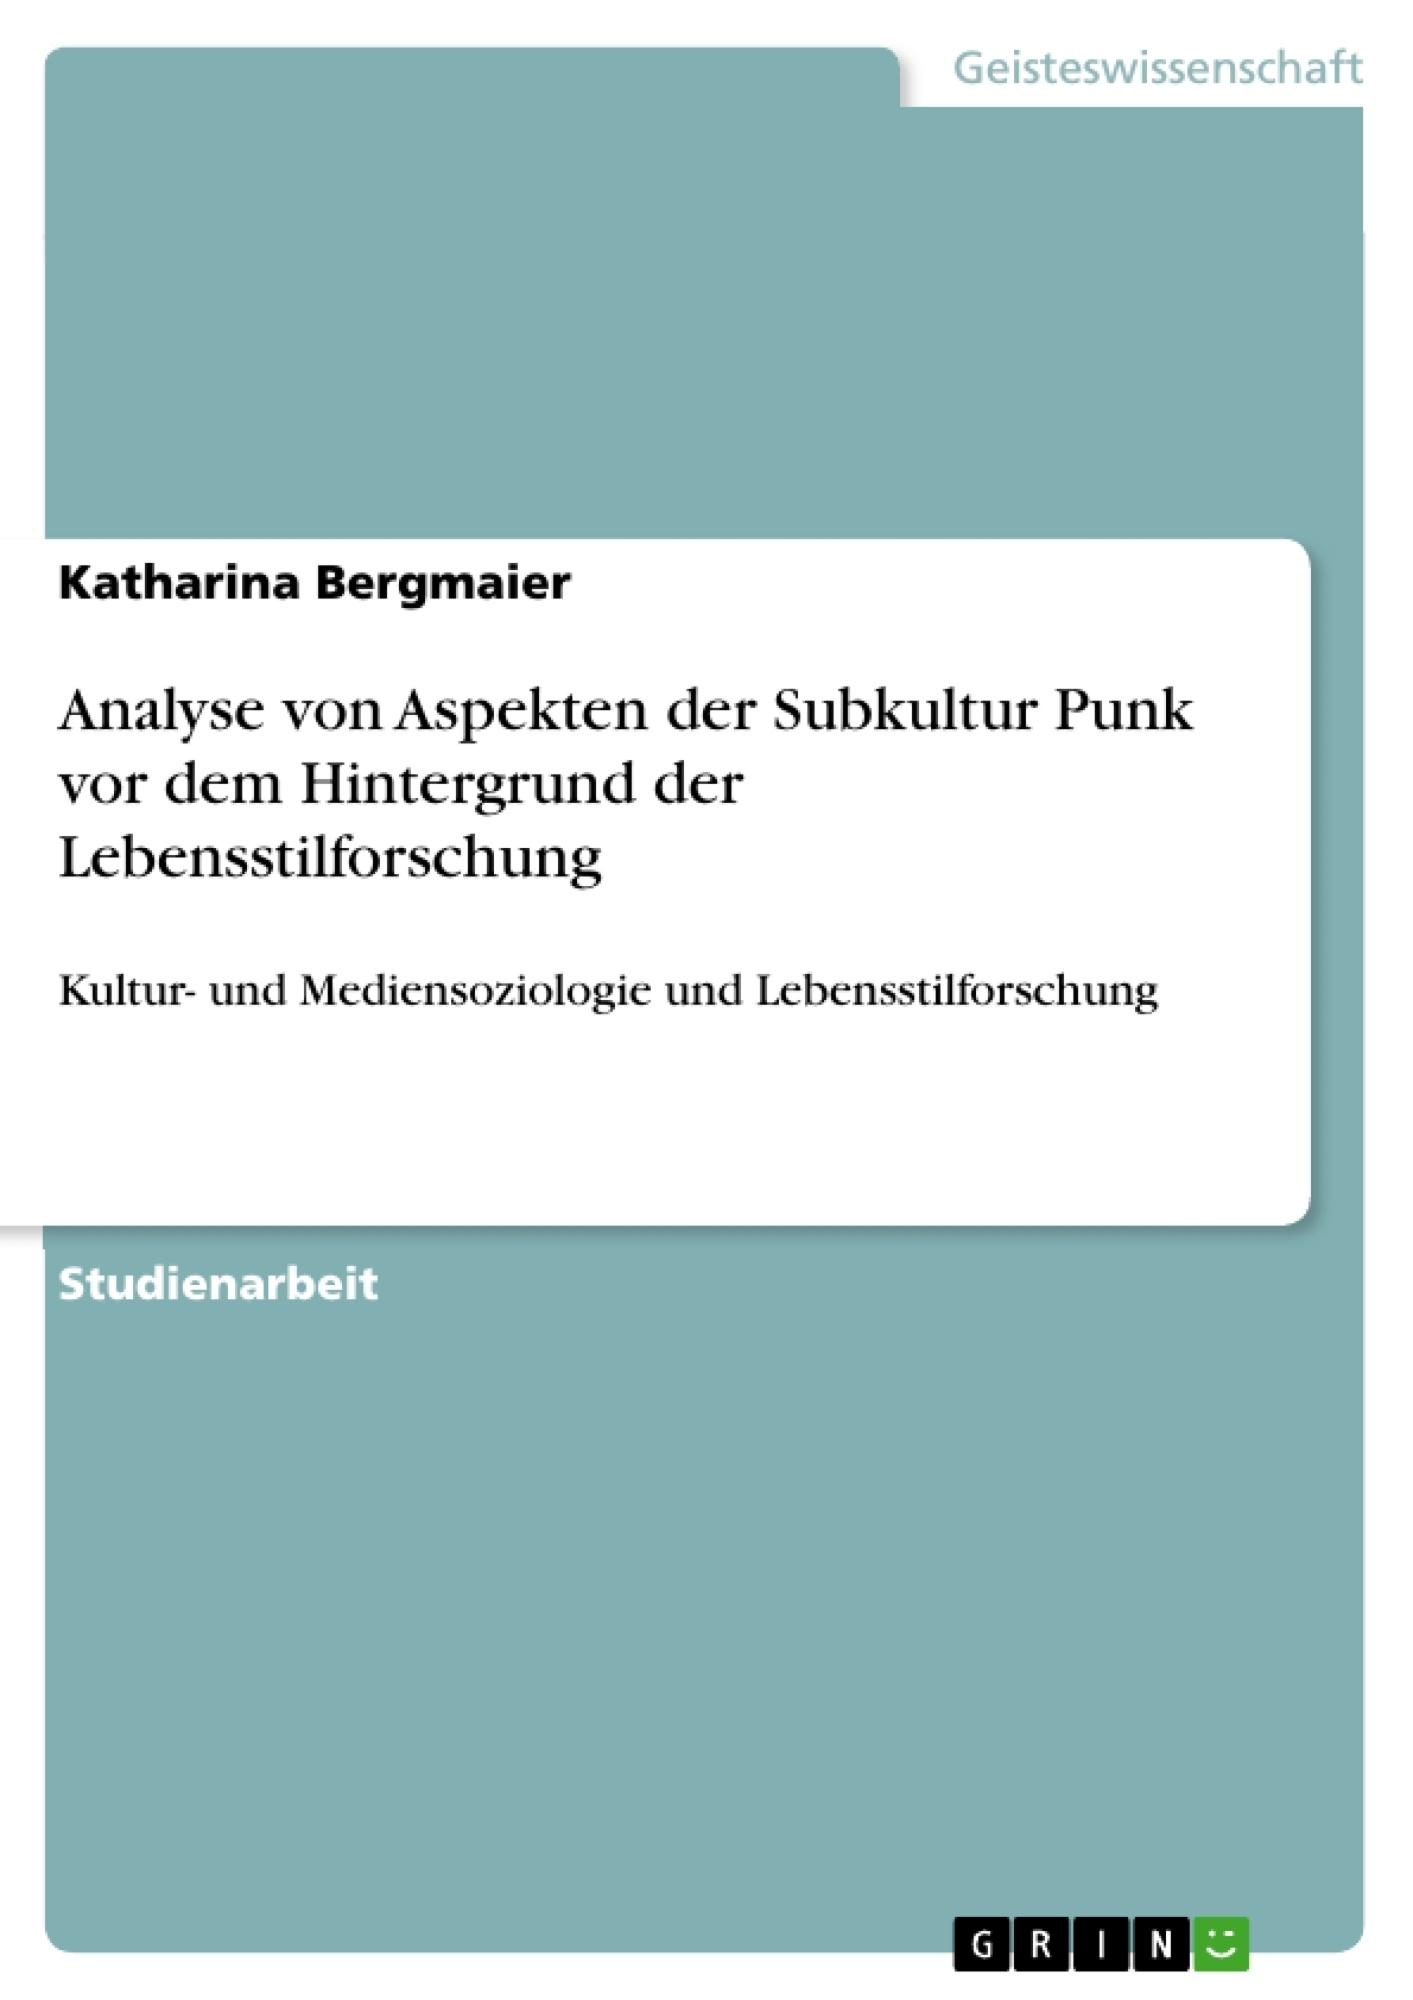 Titel: Analyse von Aspekten der Subkultur Punk vor dem Hintergrund der Lebensstilforschung